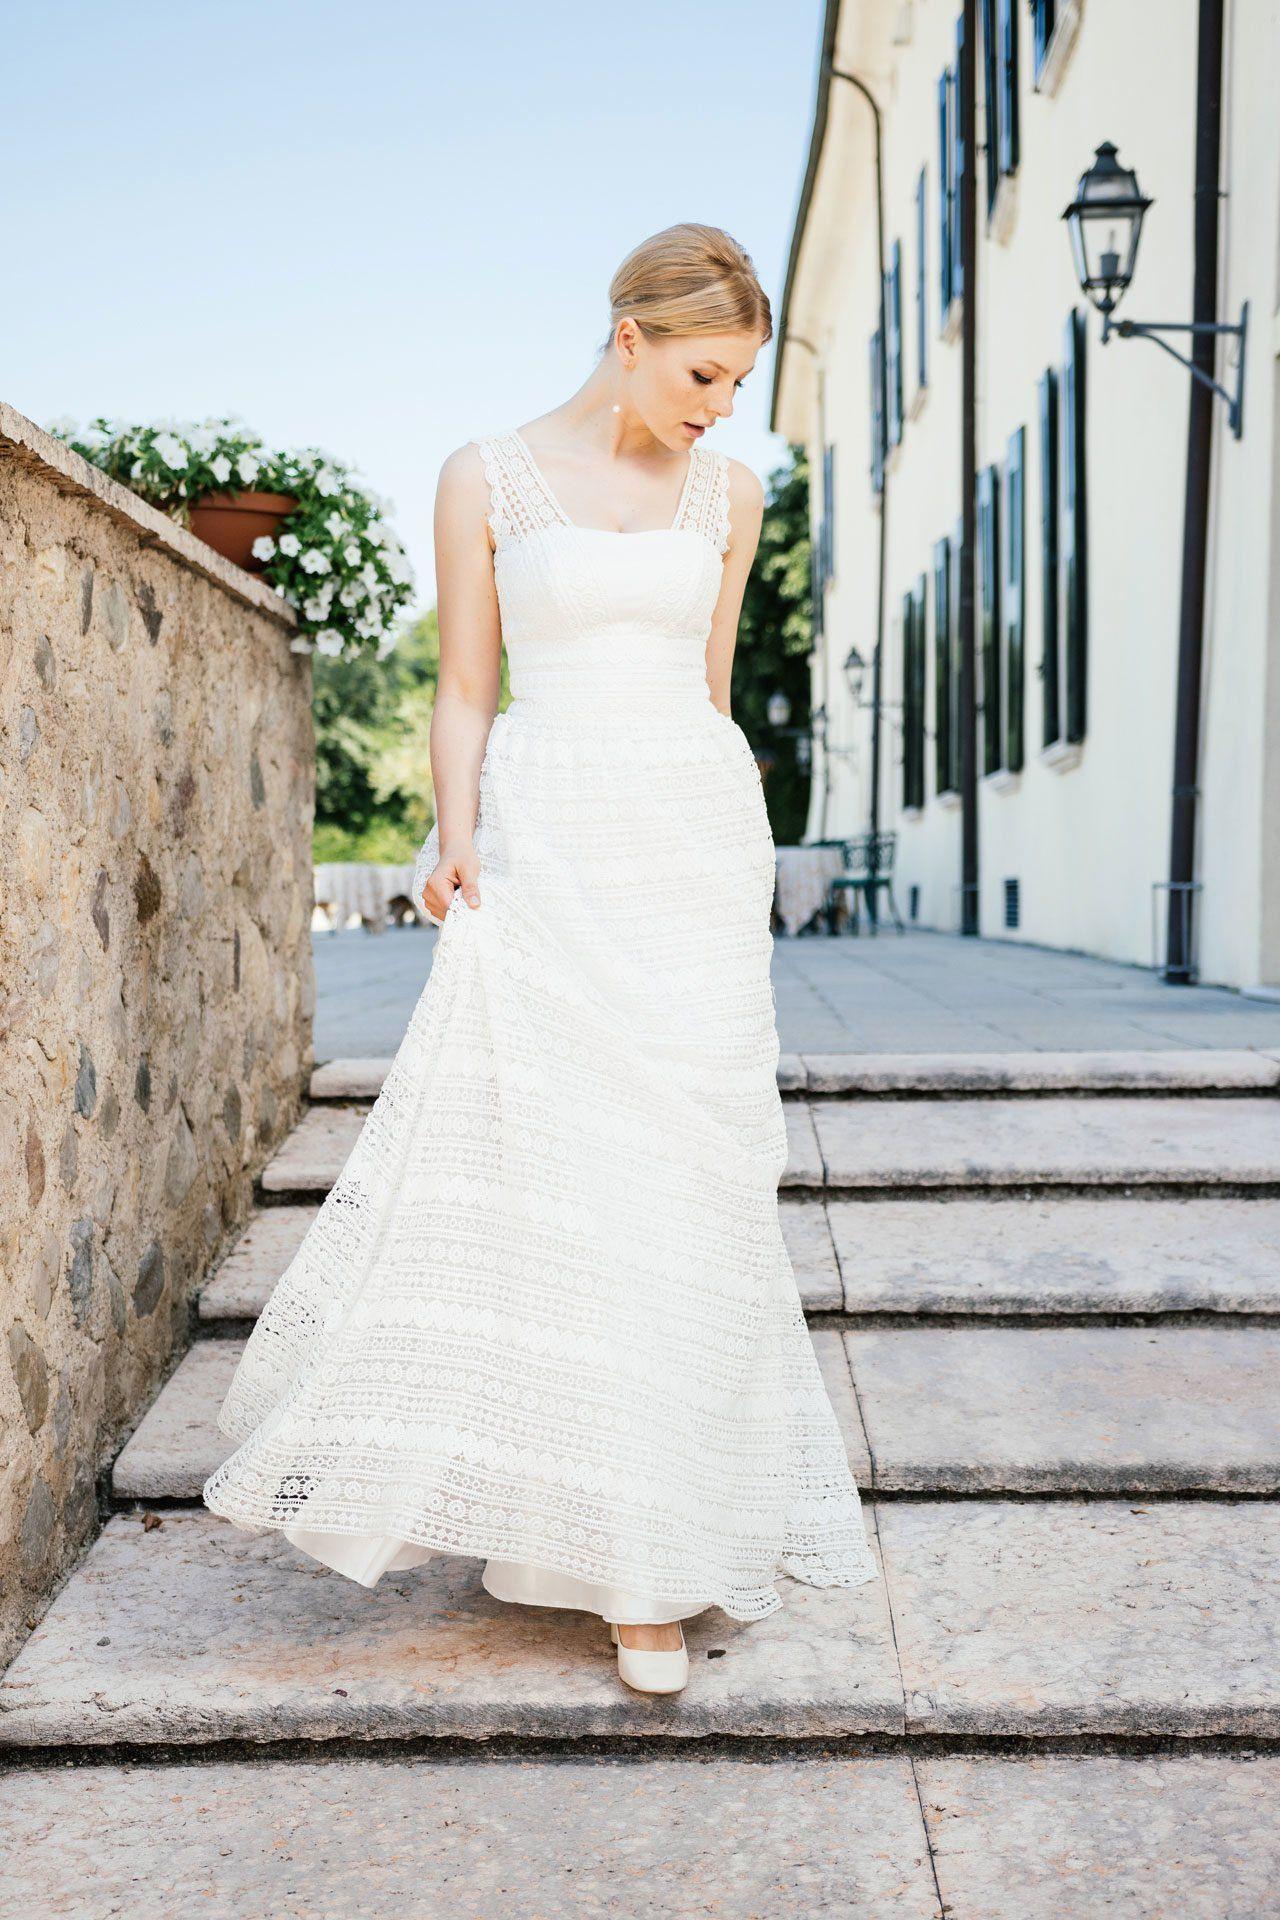 Boho Brautkleider Im Hippie Style | Brautmode, Braut, Brautkleid